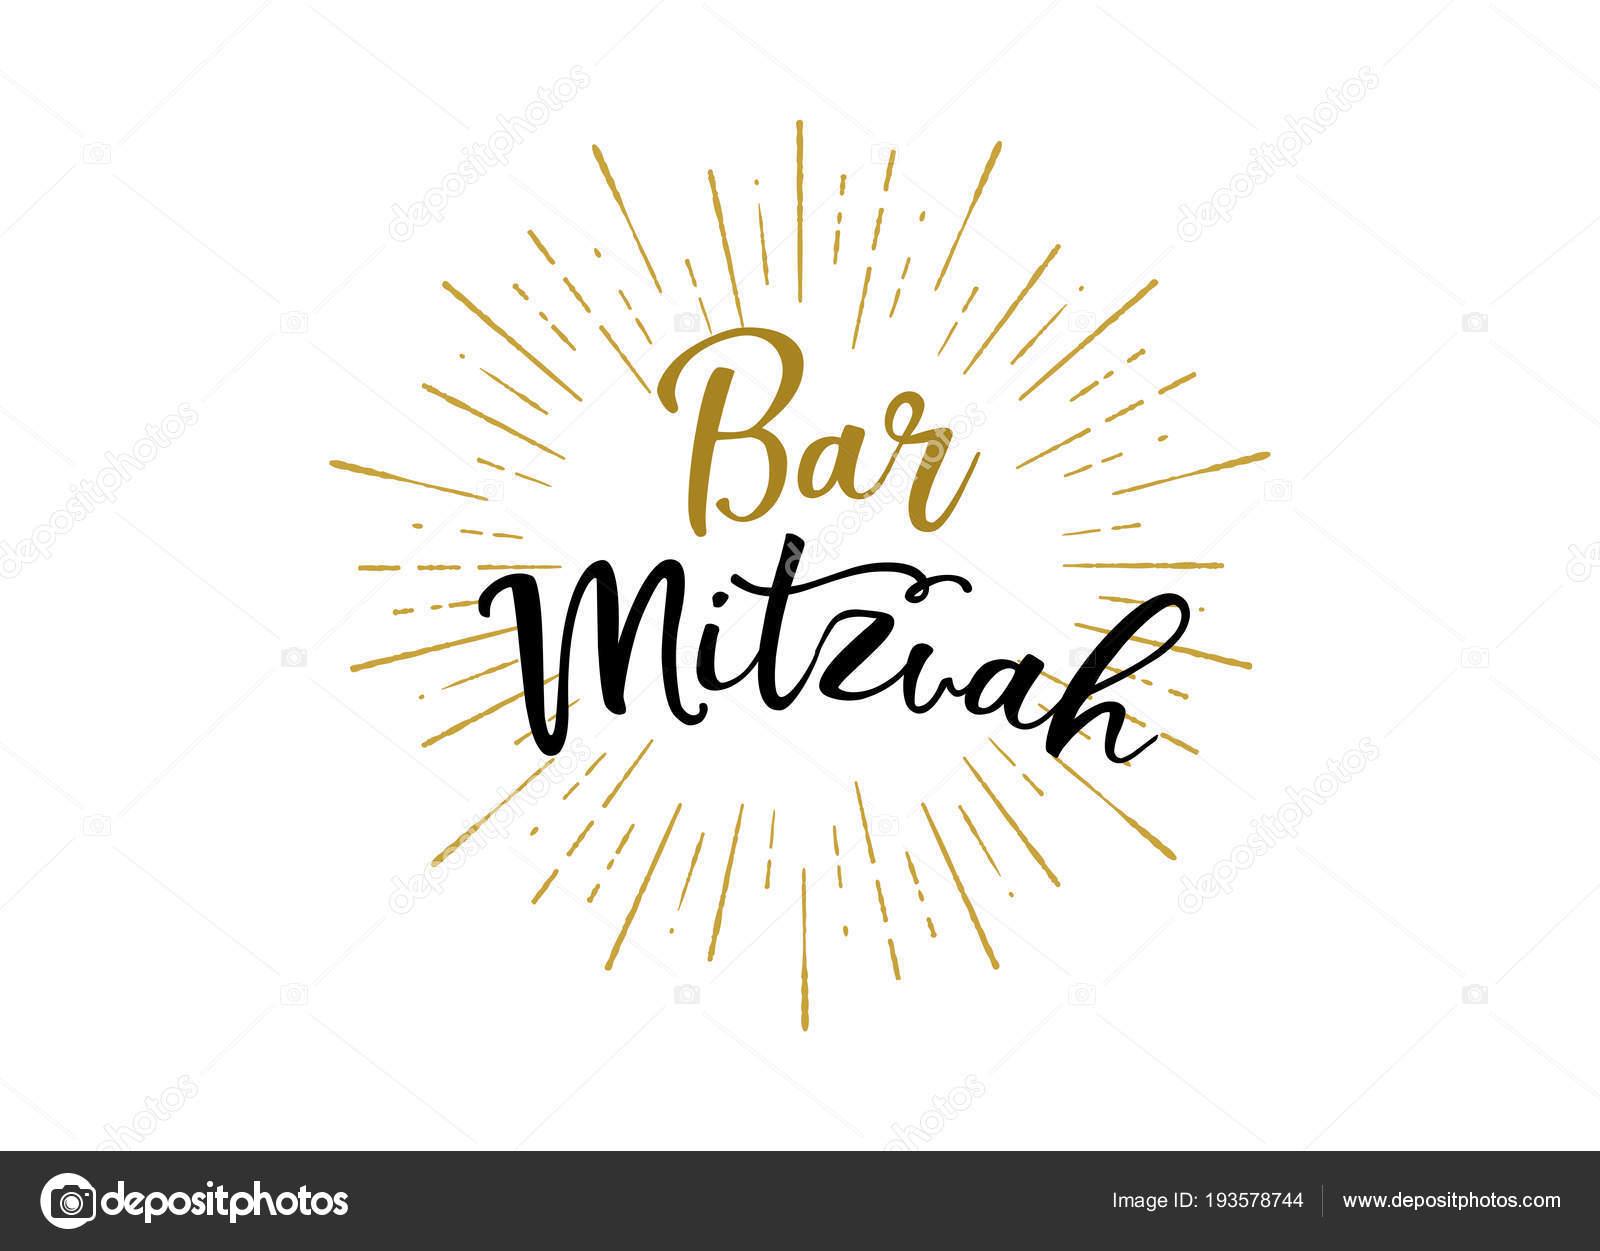 gefeliciteerd in het joods Bar Mitswa Gefeliciteerd kaart, moderne belettering in Hebreeuws  gefeliciteerd in het joods